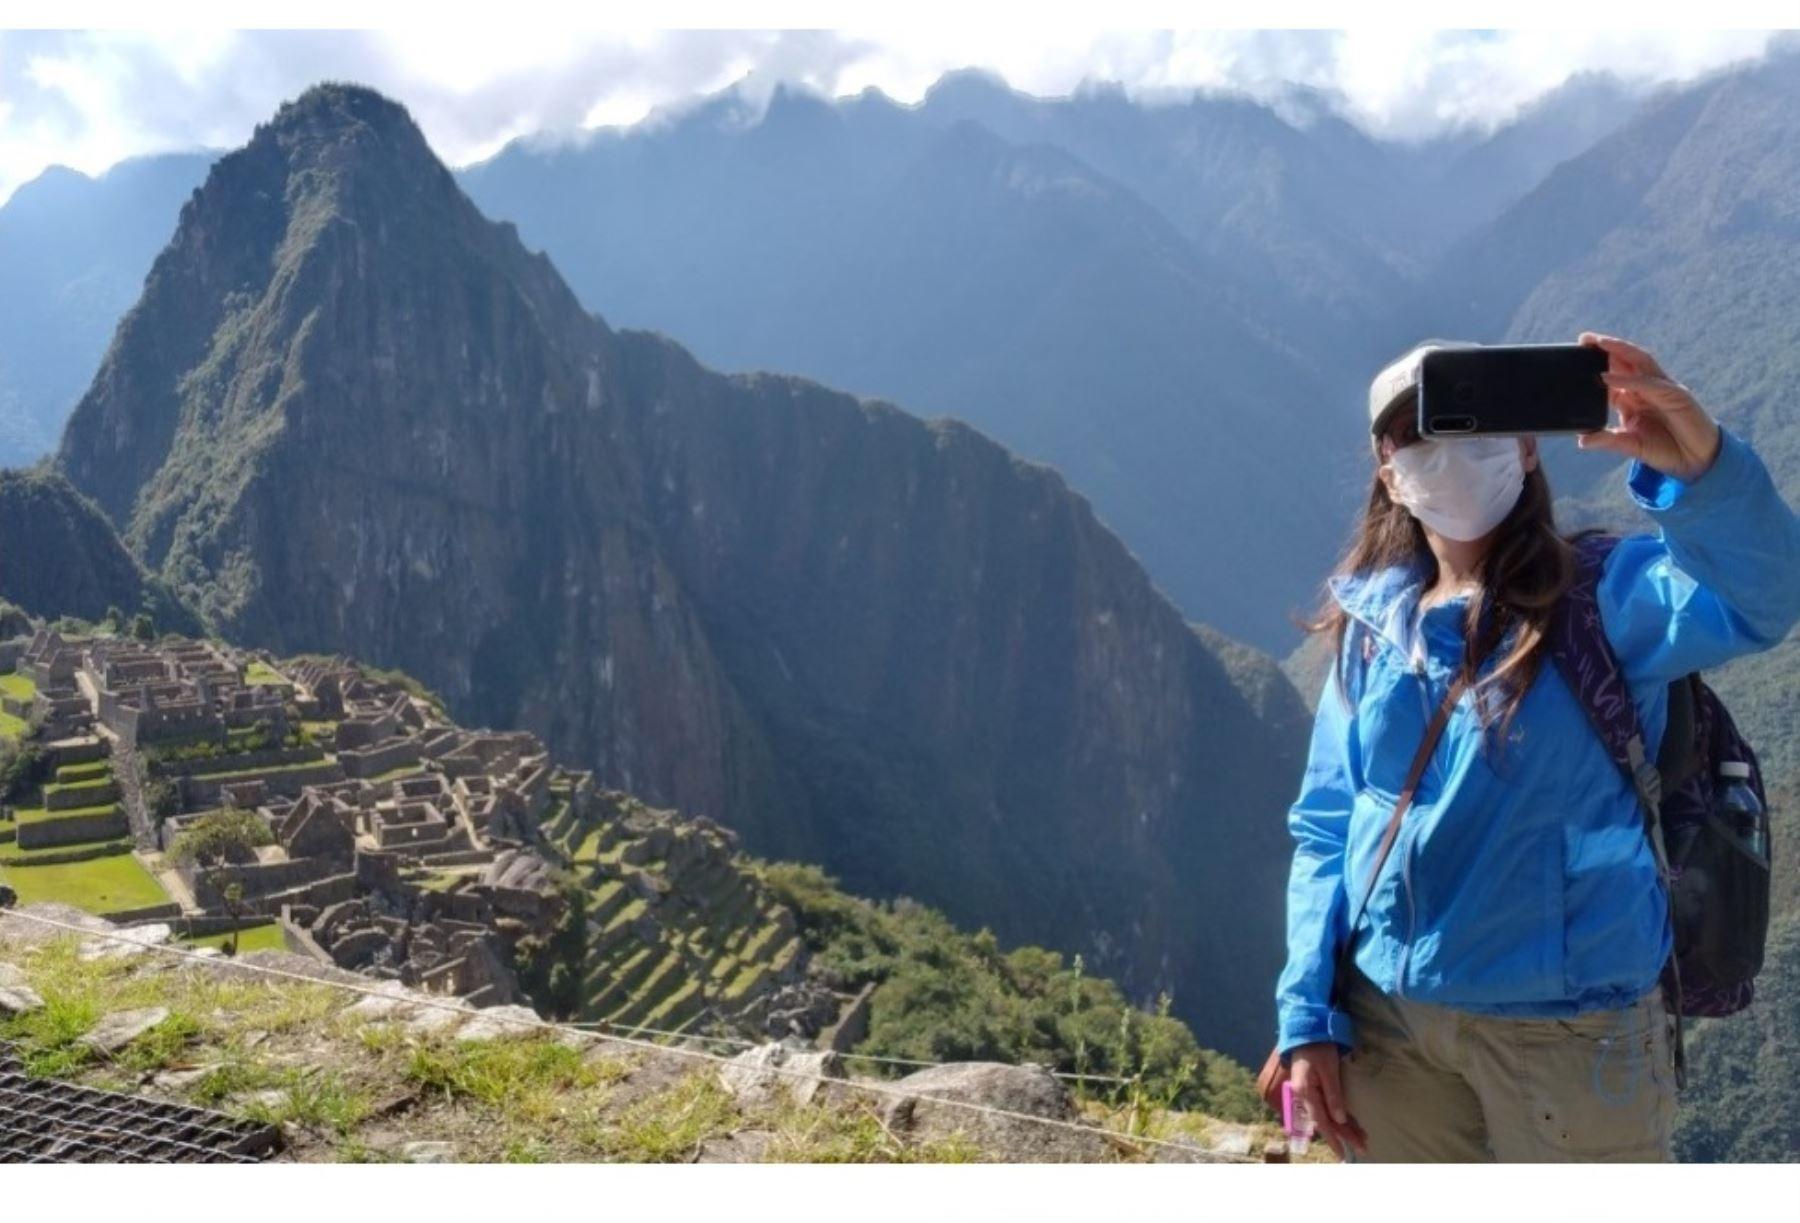 Cusco busca obtener el Sello Viaje Seguro, que otorga el Consejo Mundial de Viajes y Turismo, para reactivar el turismo y dinamizar su economía.